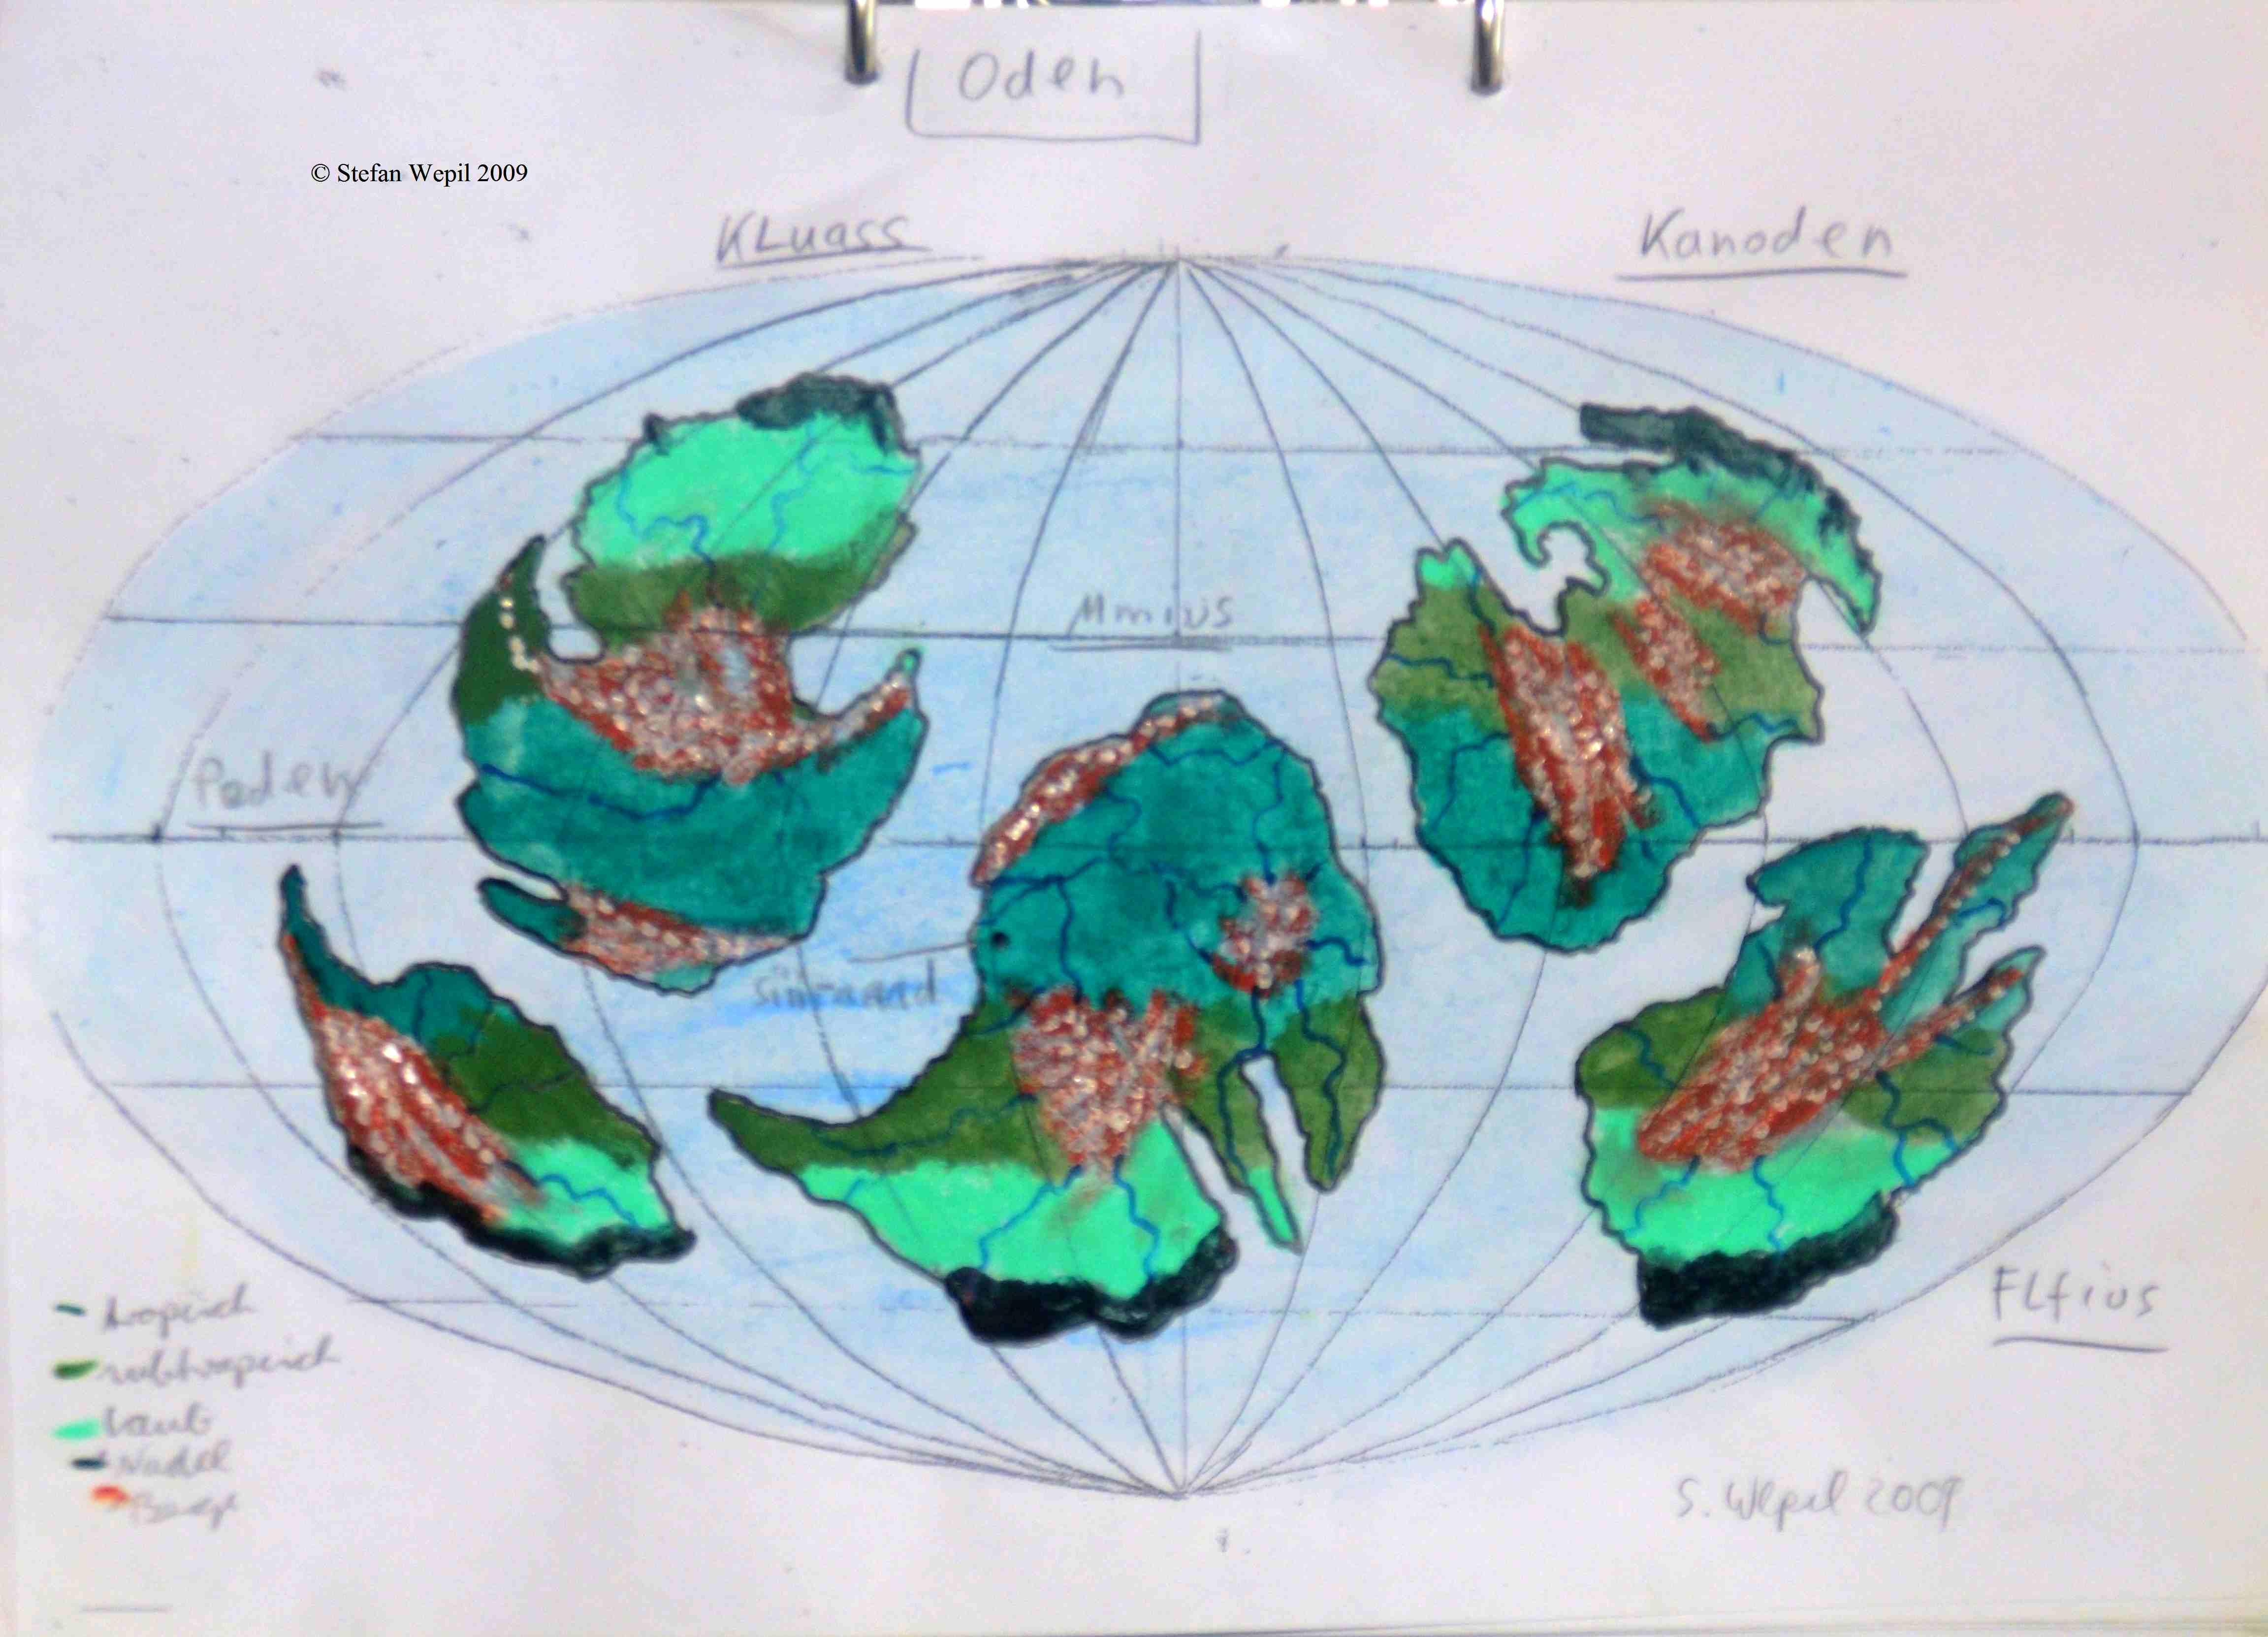 Weltkarte von Oden (C) Stefan Wepil